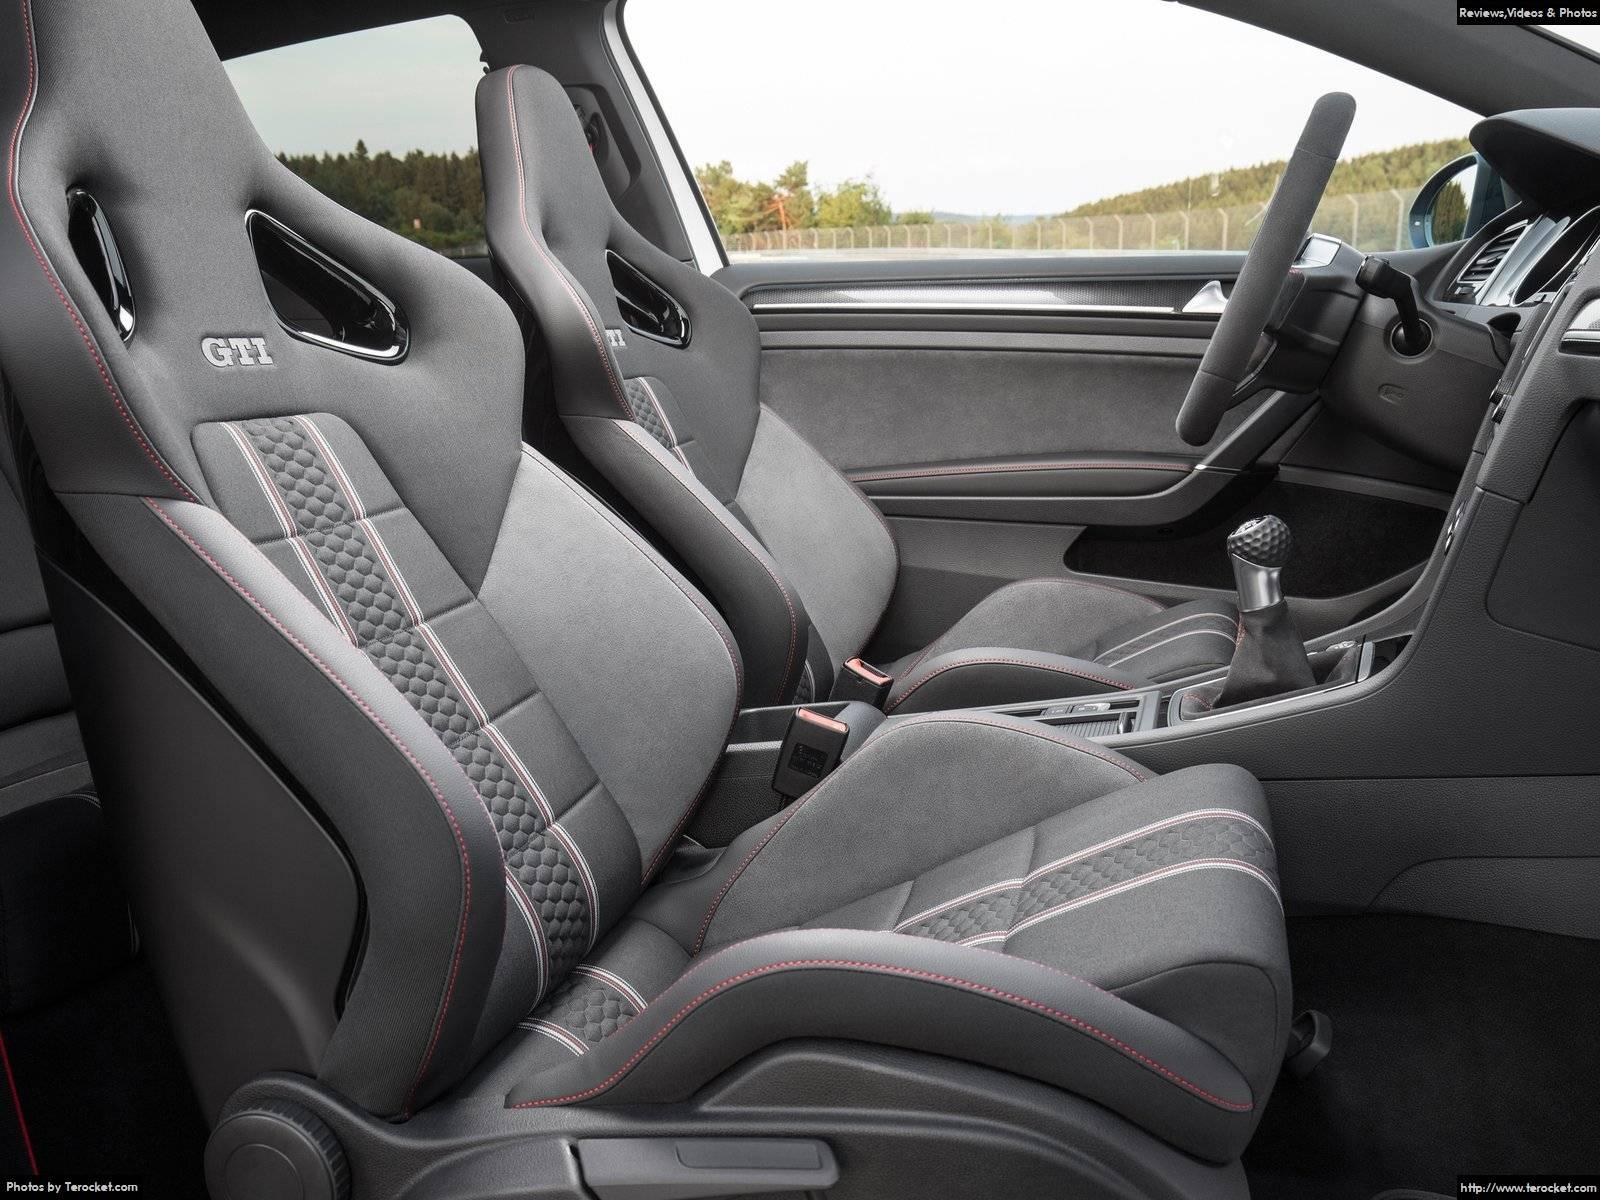 Hình ảnh xe ô tô Volkswagen Golf GTI Clubsport 2016 & nội ngoại thất